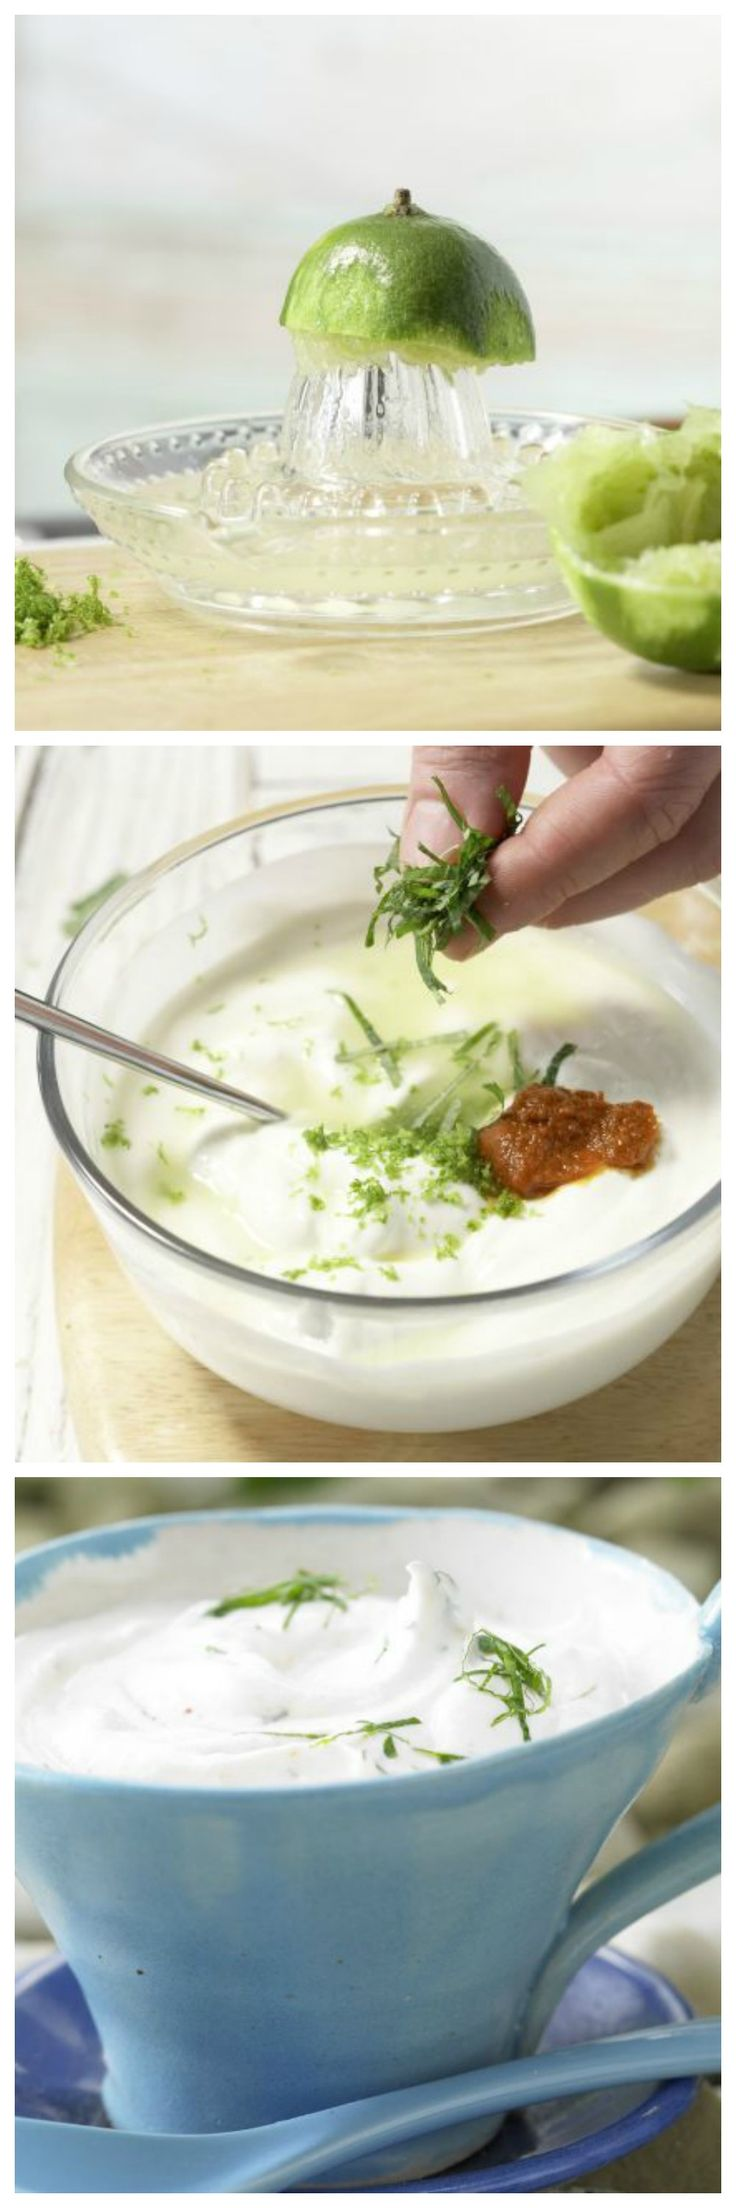 Harissa gibt dem säuerlichen Dip eine feurige Schärfe: Scharfer Limetten-Dip mit Zitronenmelisse   http://eatsmarter.de/rezepte/scharfer-limetten-dip